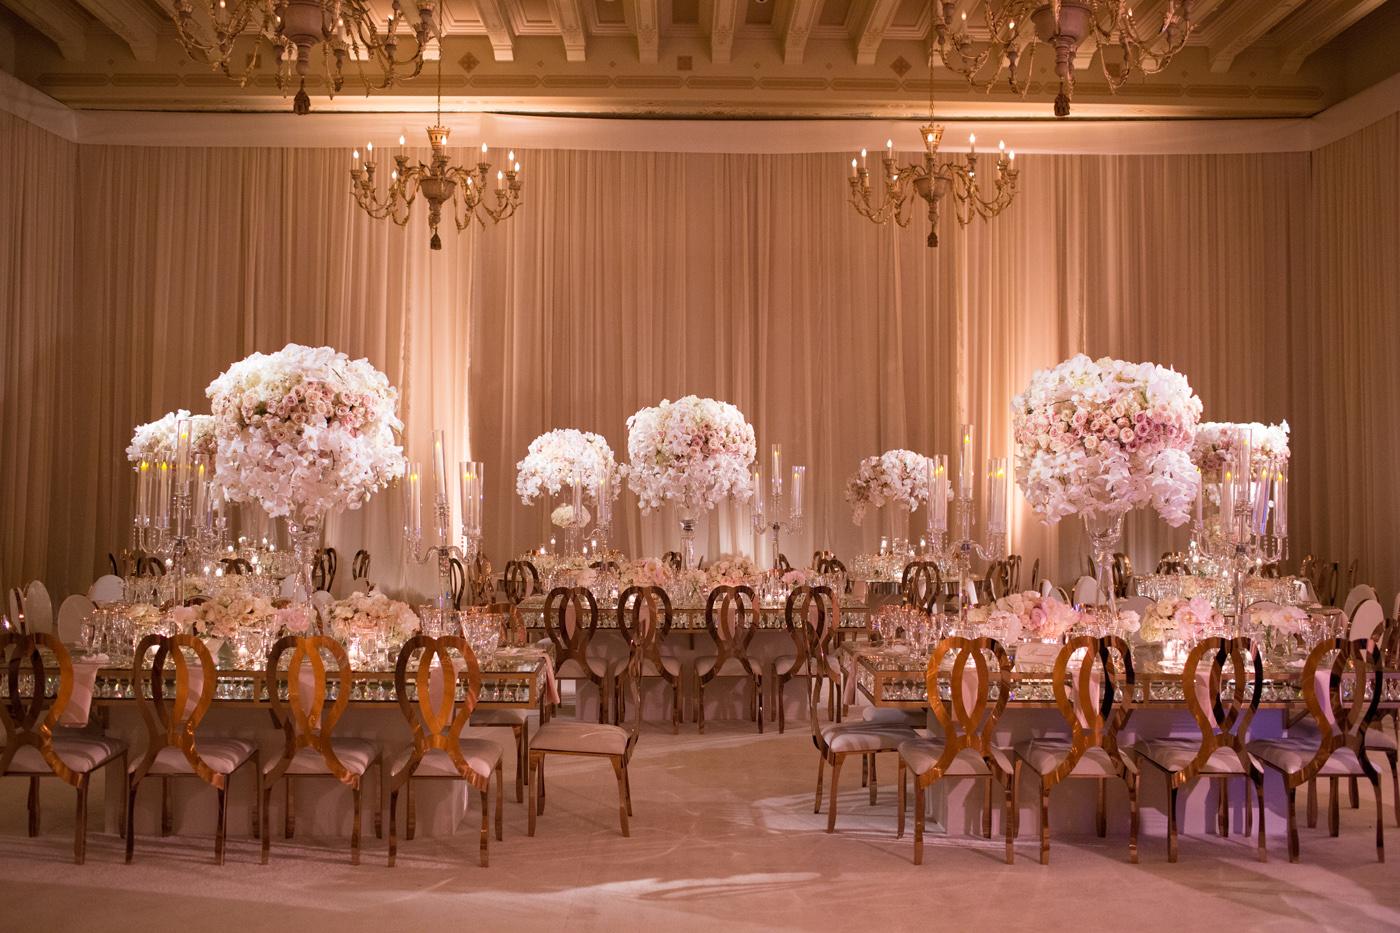 081_DukePhotography_DukeImages_Wedding_Details.jpg